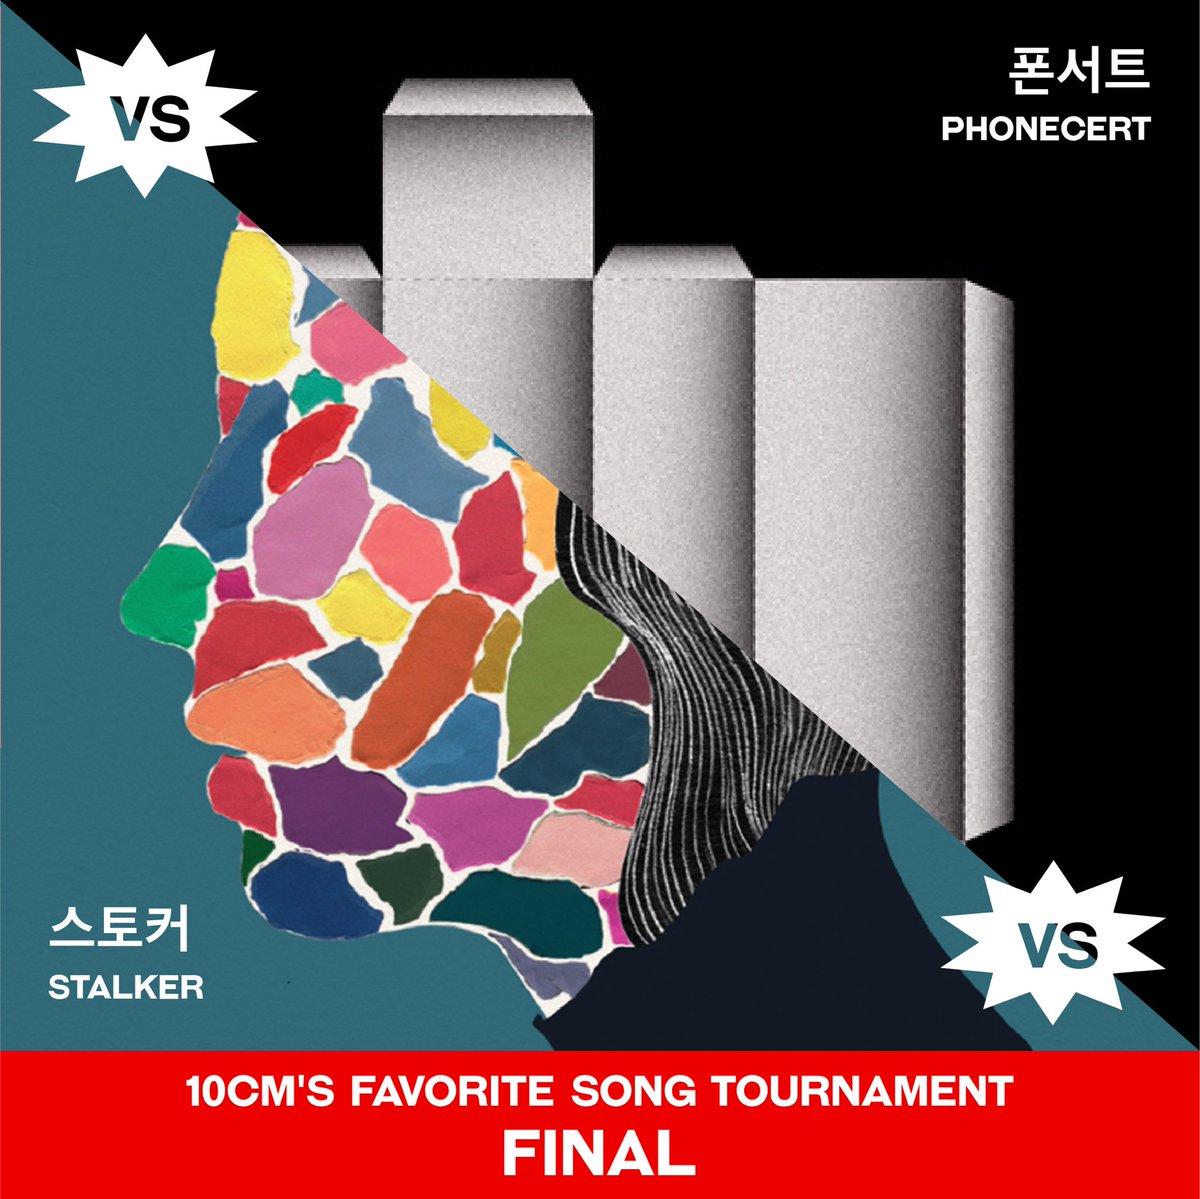 십센치 토너먼트 결승전💥 instagram.com/10cm_official?… #십센치 #폰서트 #VS #스토커